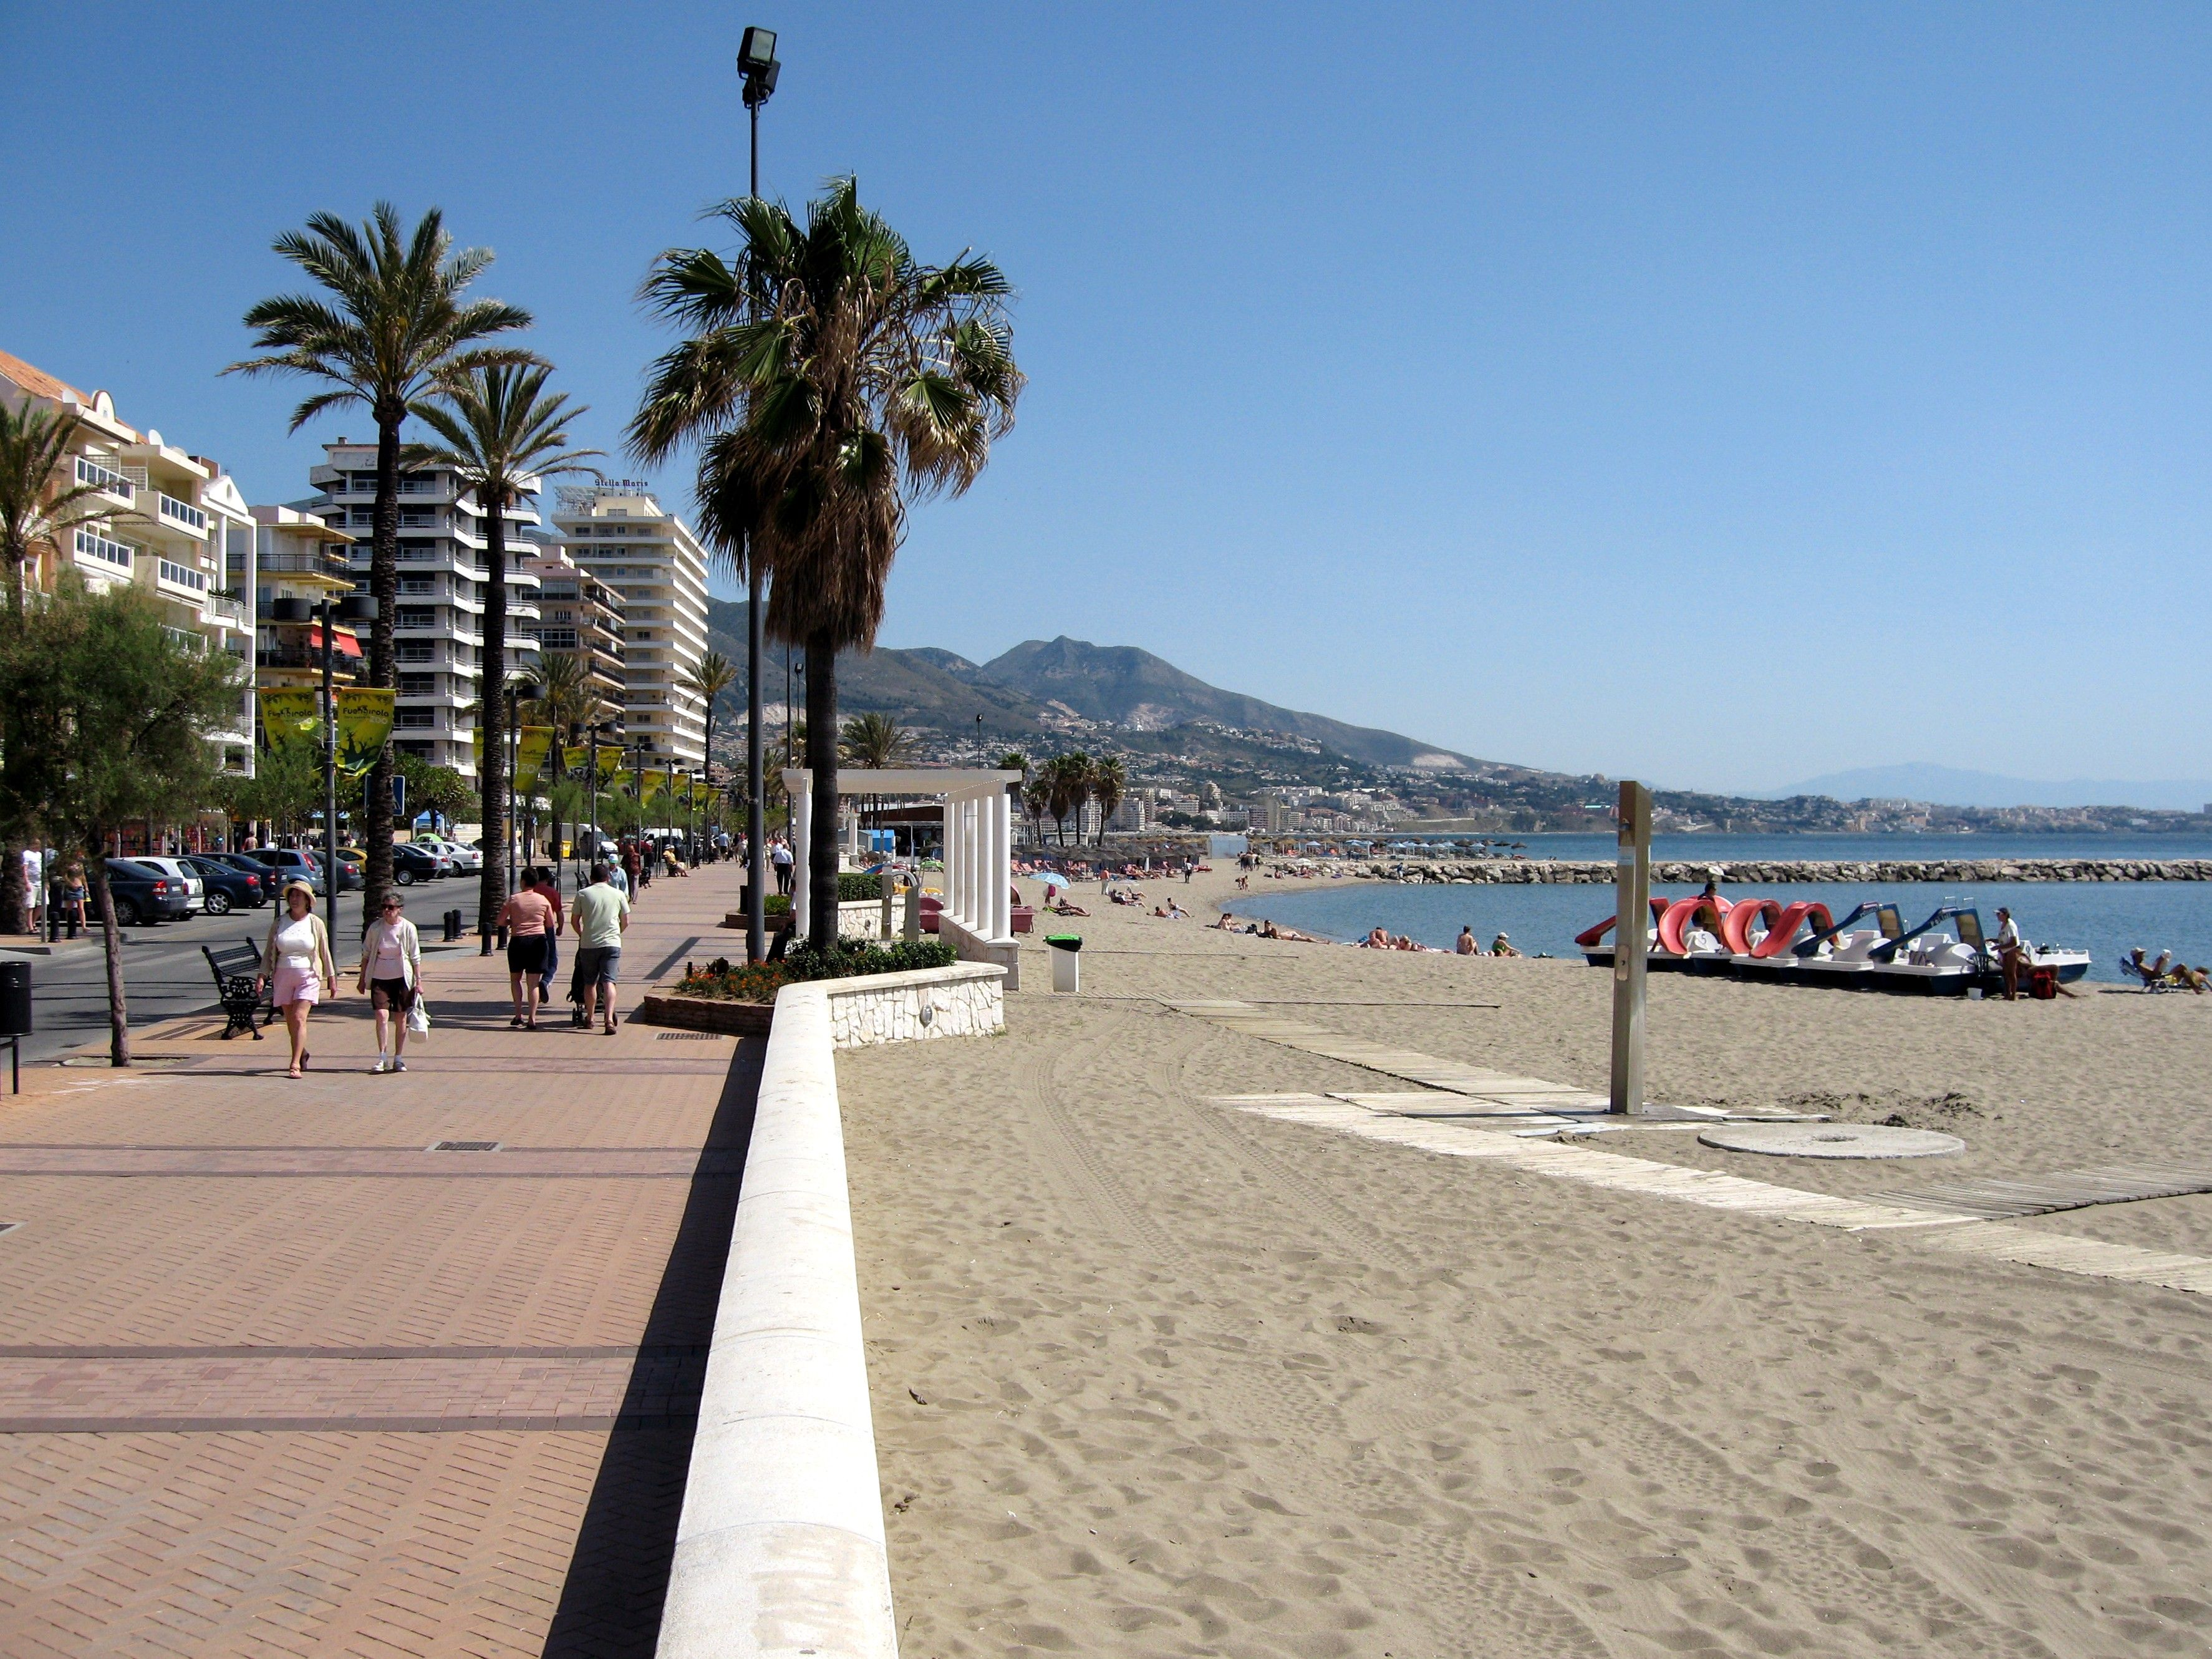 0a30c88183b151 Fuengirola beach, Costa del Sol. Miss walking through this beach!...2010<3  please come back!!